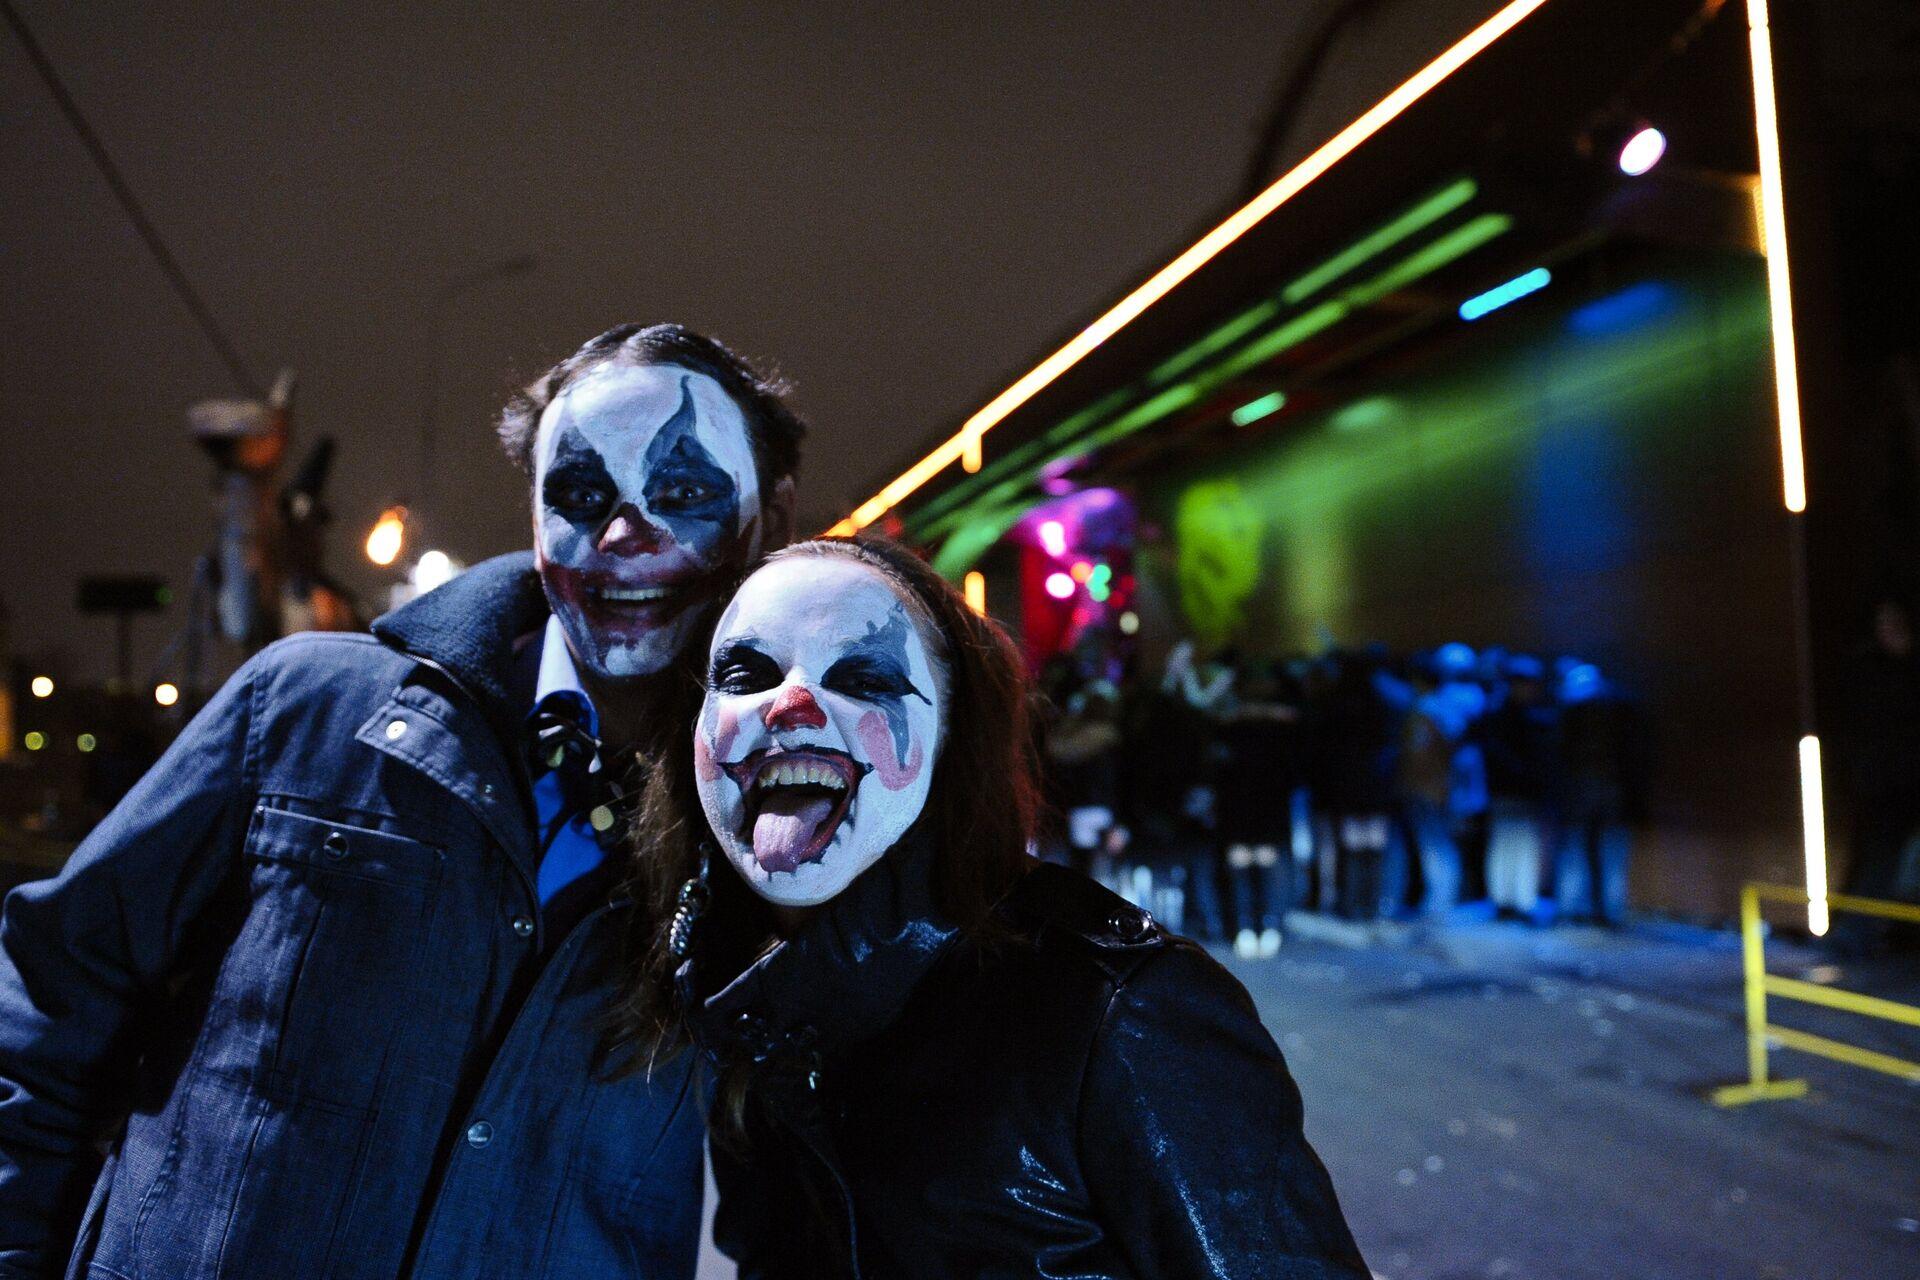 Молодые люди в гриме во время празднования Хэллоуина в Москве - ПРОФИ Новости, 1920, 29.10.2020